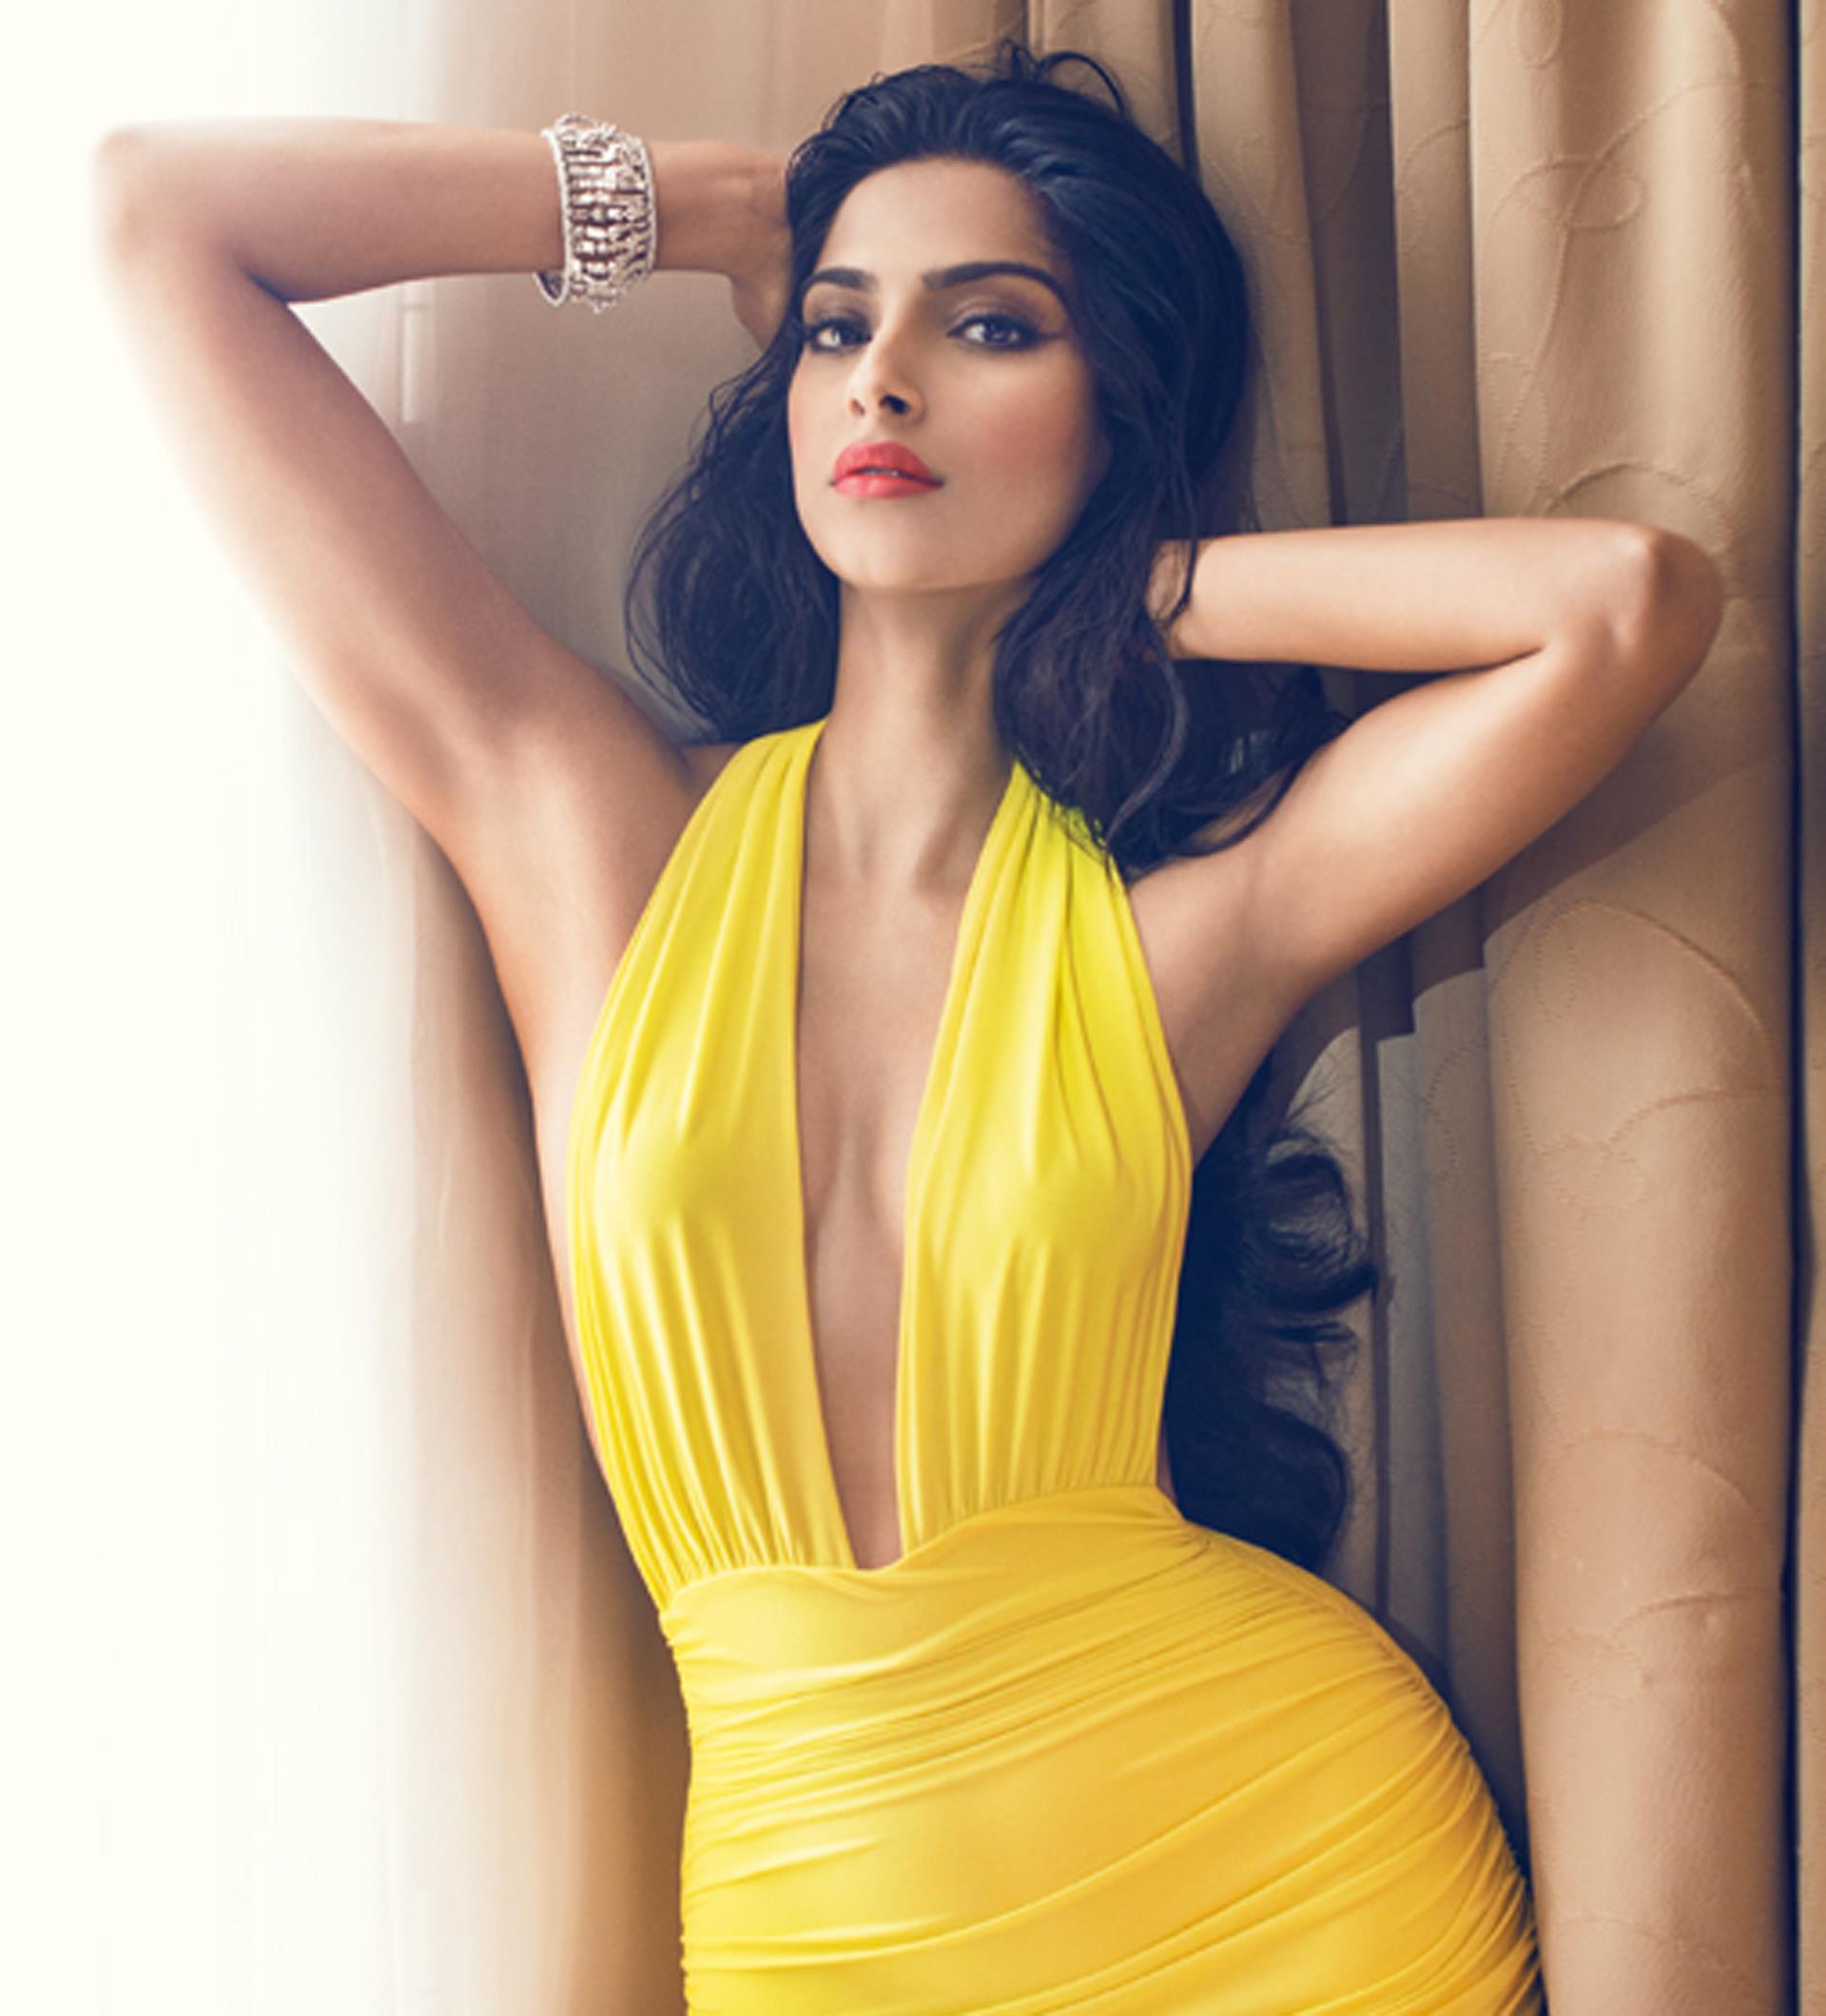 Sonam Kapoor en robe très décolletée